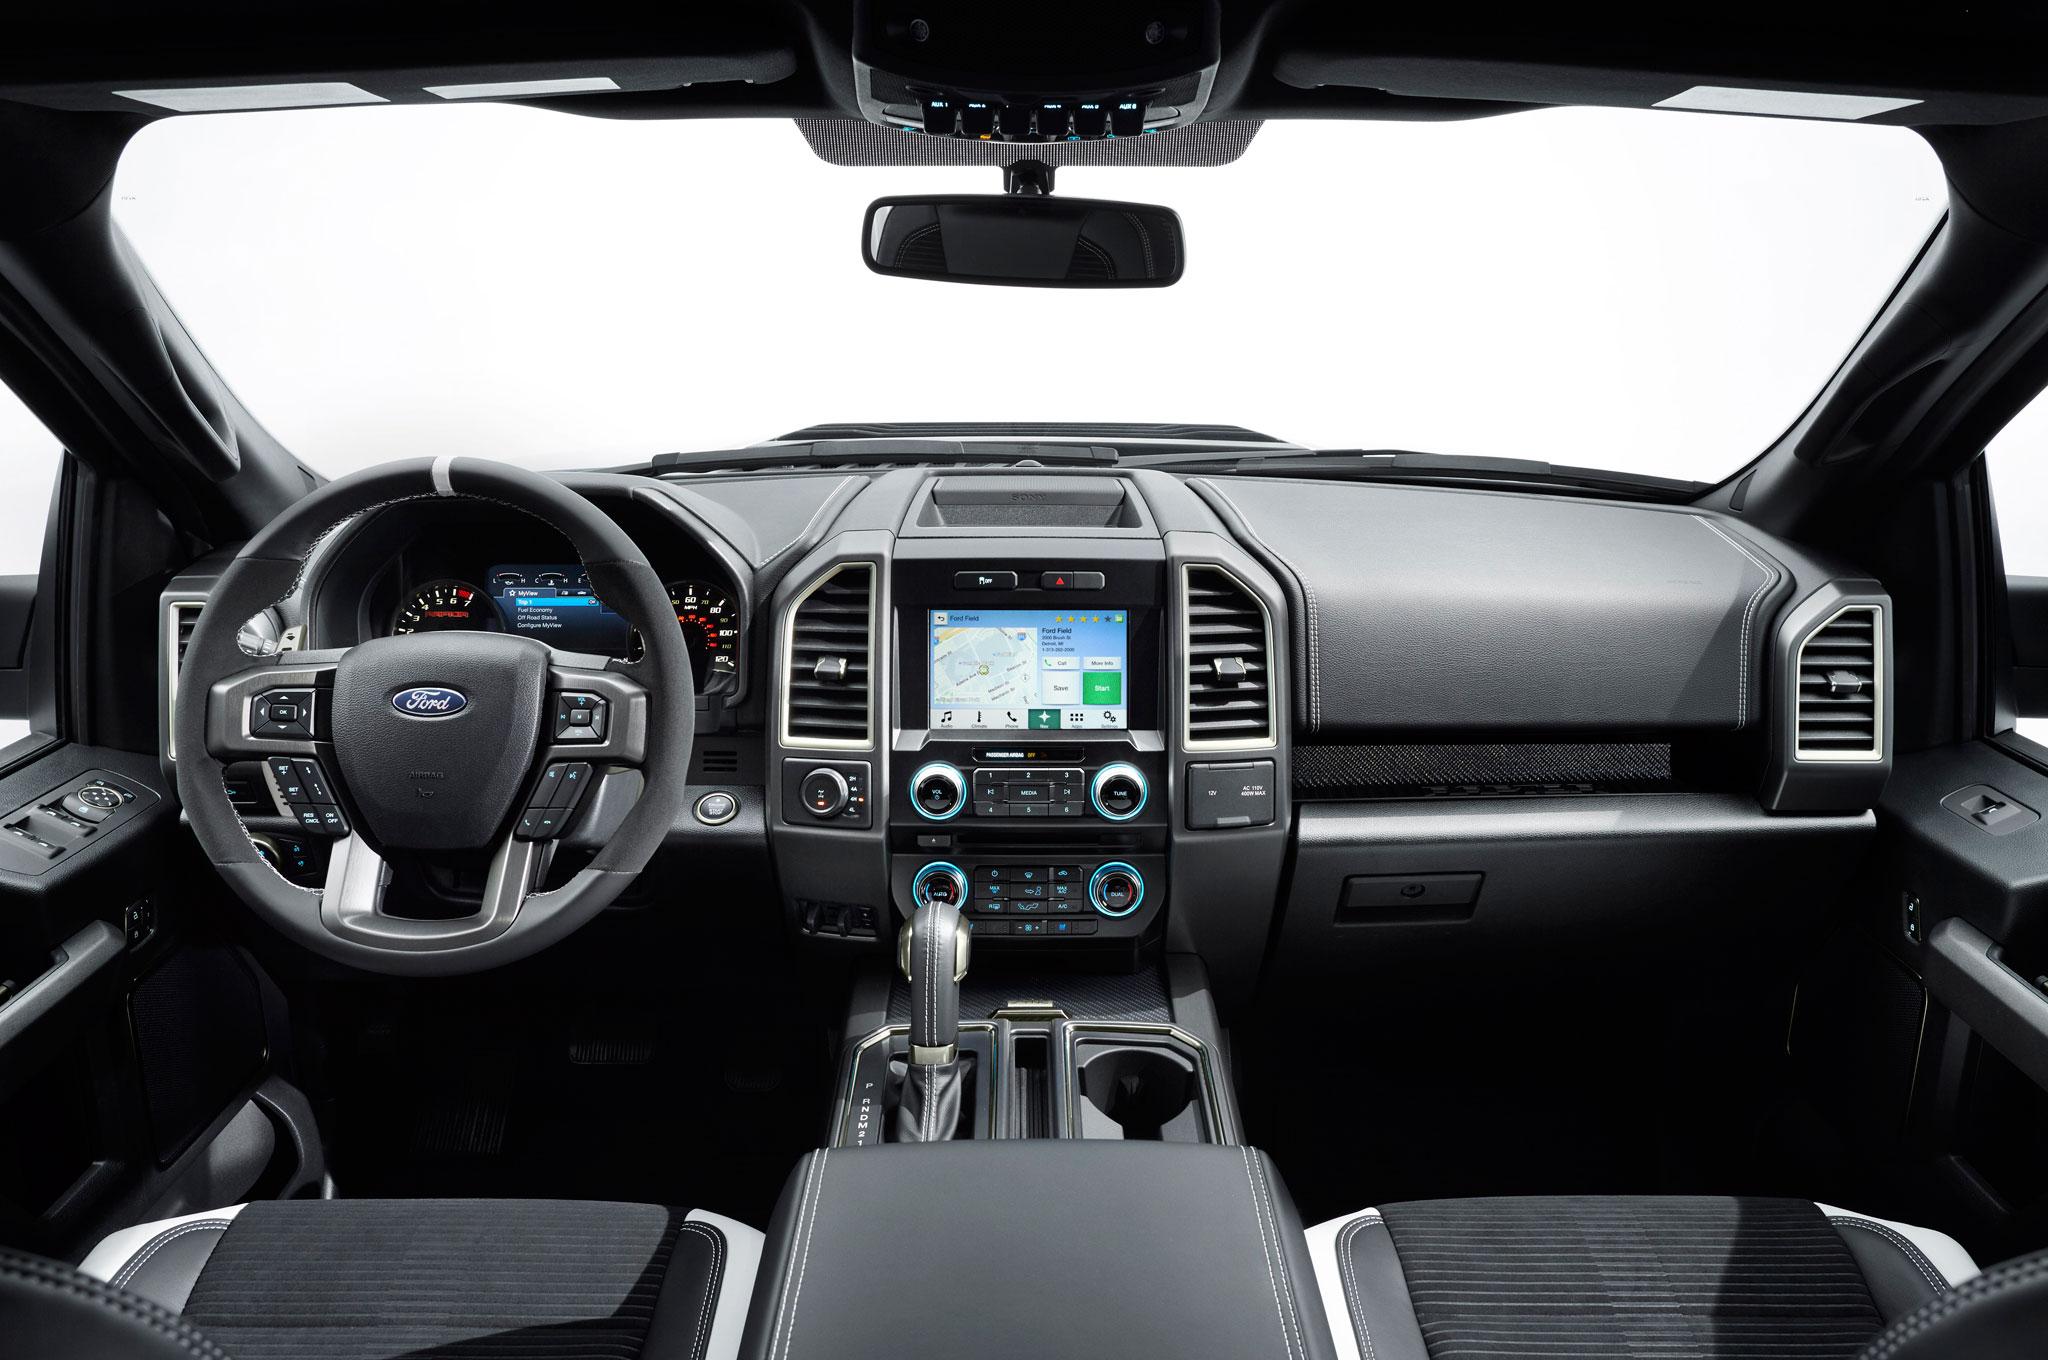 Importadora Traz Ford F 150 Raptor Ao Brasil Por R 500 Mil Quatro Rodas